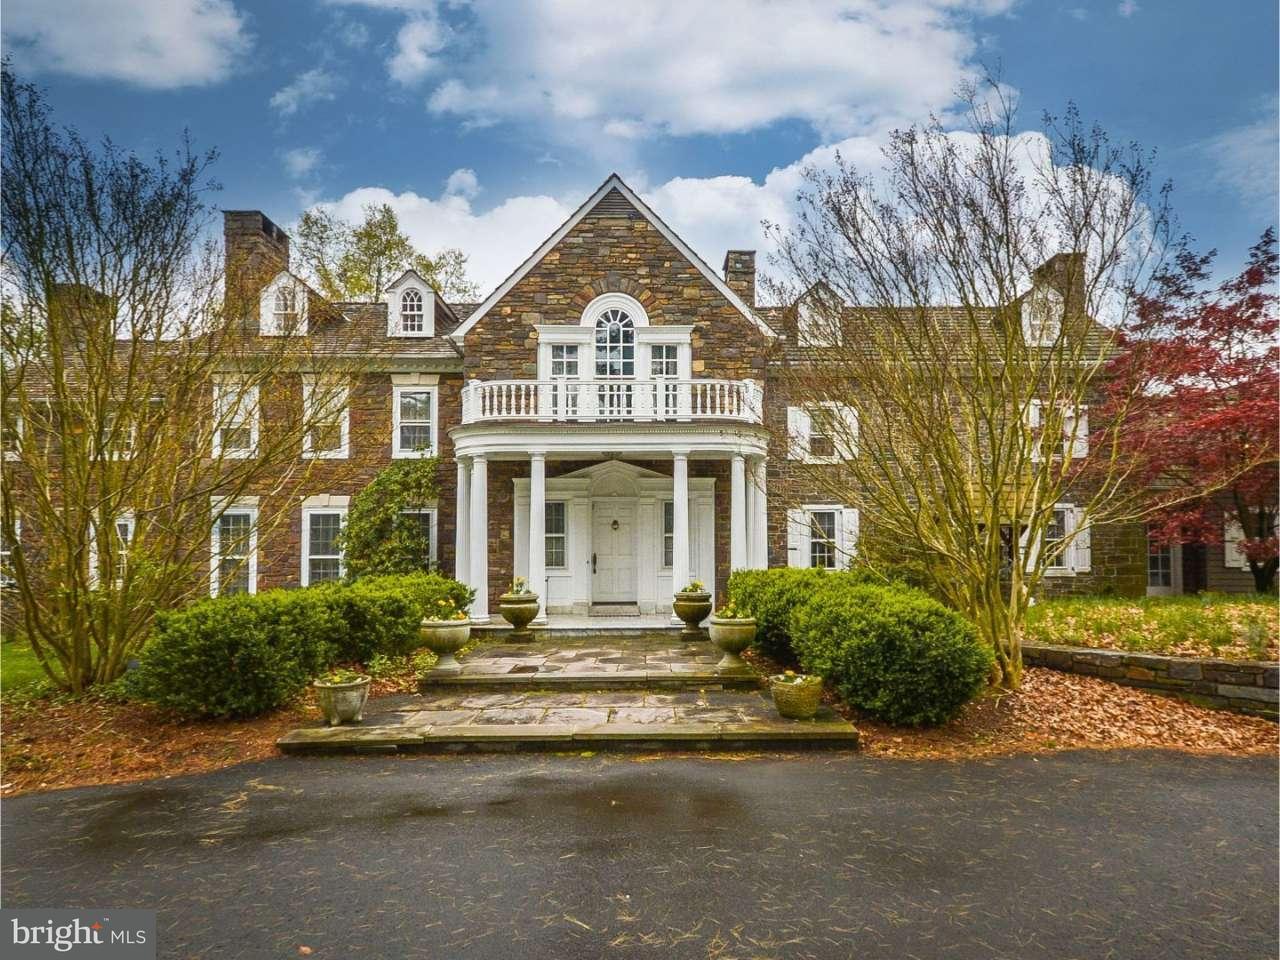 Частный односемейный дом для того Продажа на 1070 EAGLE Road Newtown, Пенсильвания 18940 Соединенные Штаты